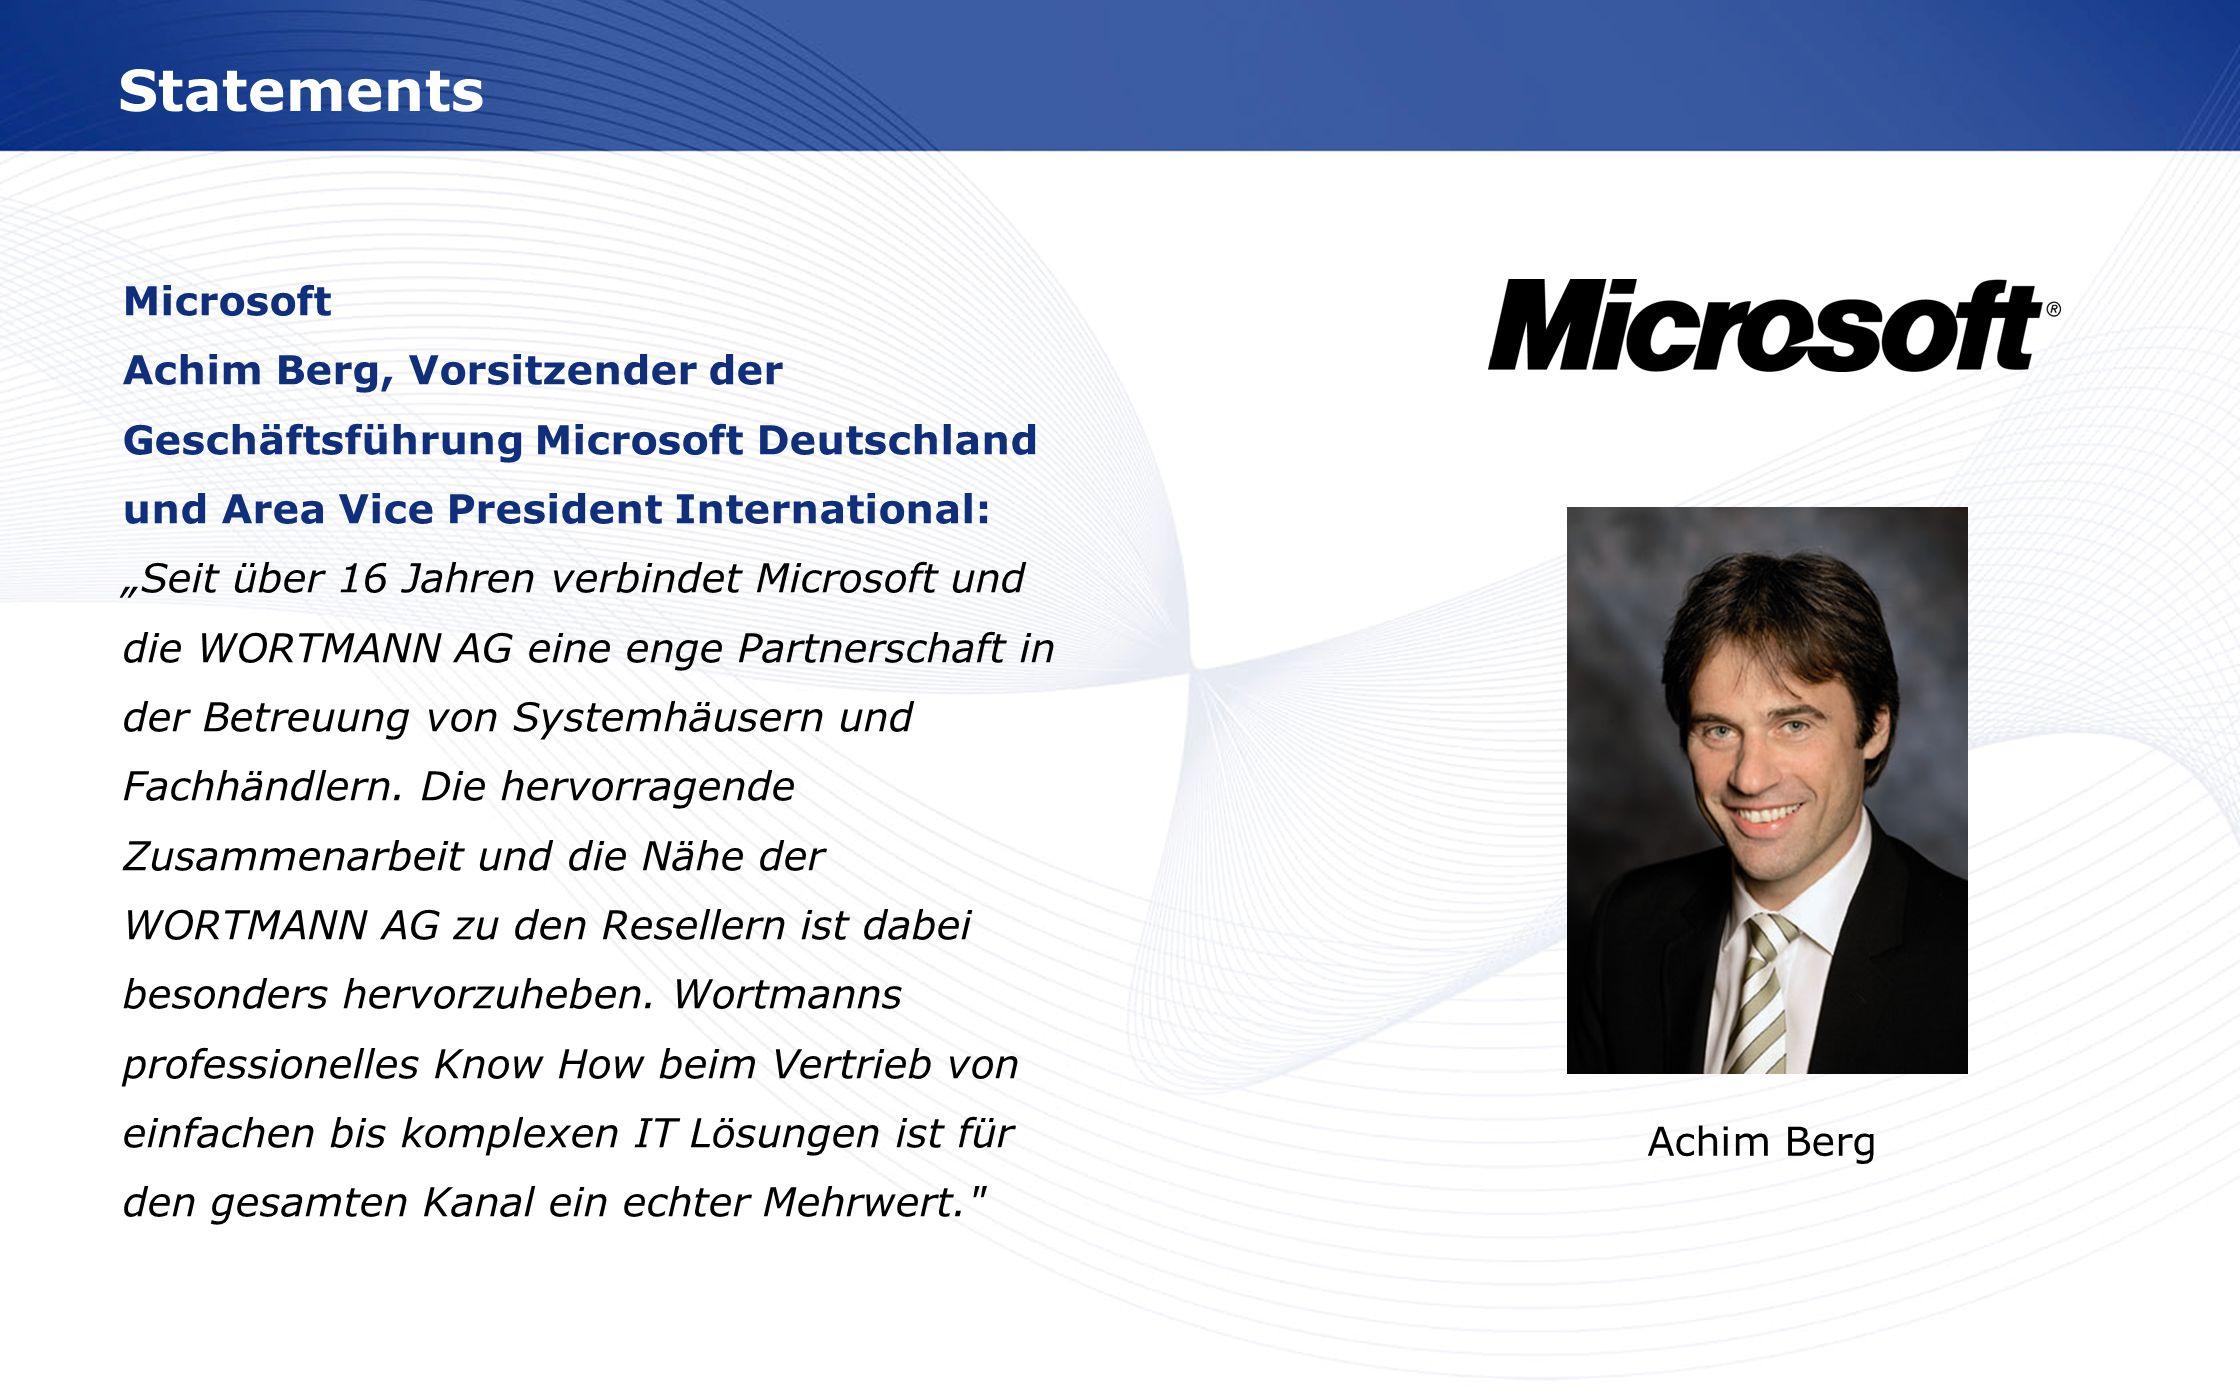 StatementsMicrosoft Achim Berg, Vorsitzender der Geschäftsführung Microsoft Deutschland und Area Vice President International: